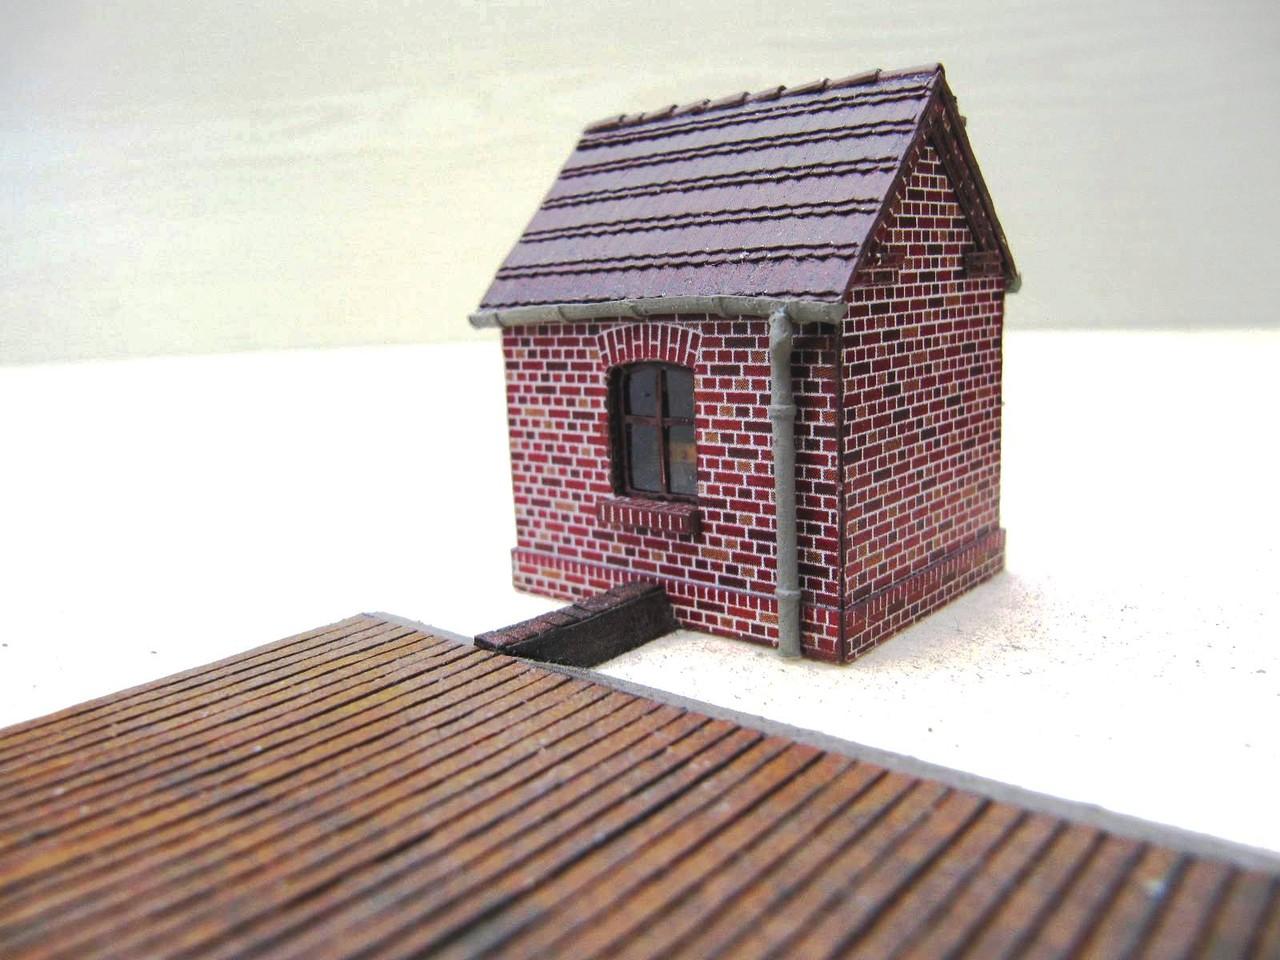 (c) W. Fehse - Wiegehaus und Waagefläche 1:87 (H0) - Variante klassische Fenster